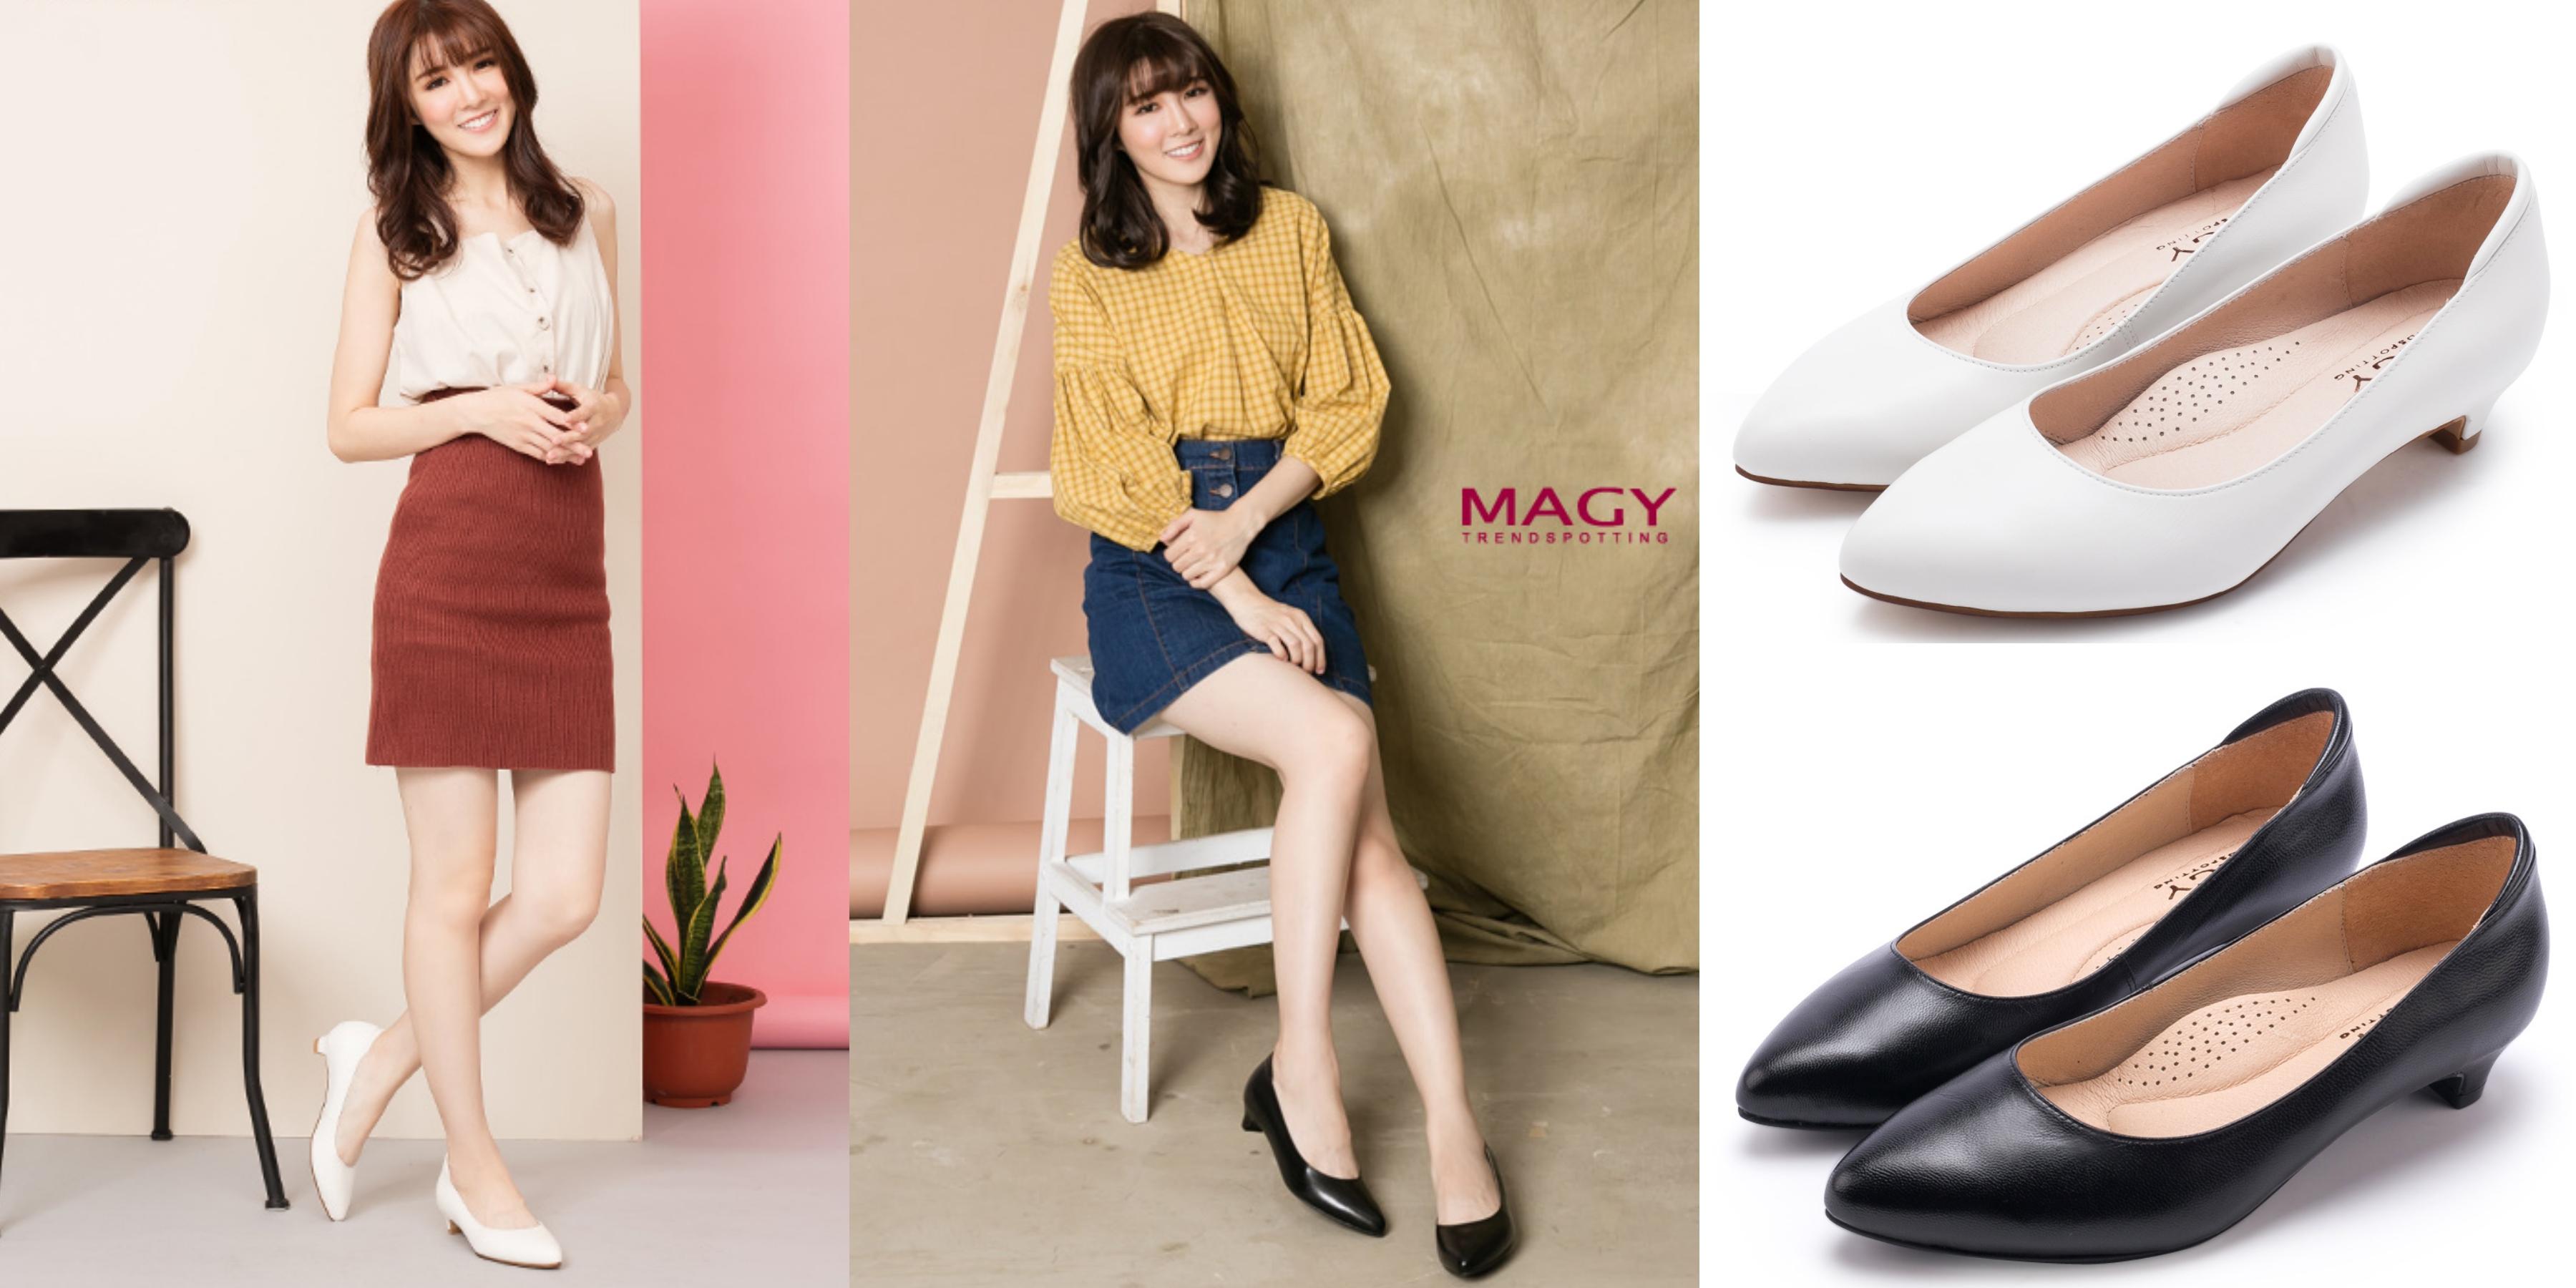 完美鞋緣線條設計,可拉長線條,增添女性柔美風情